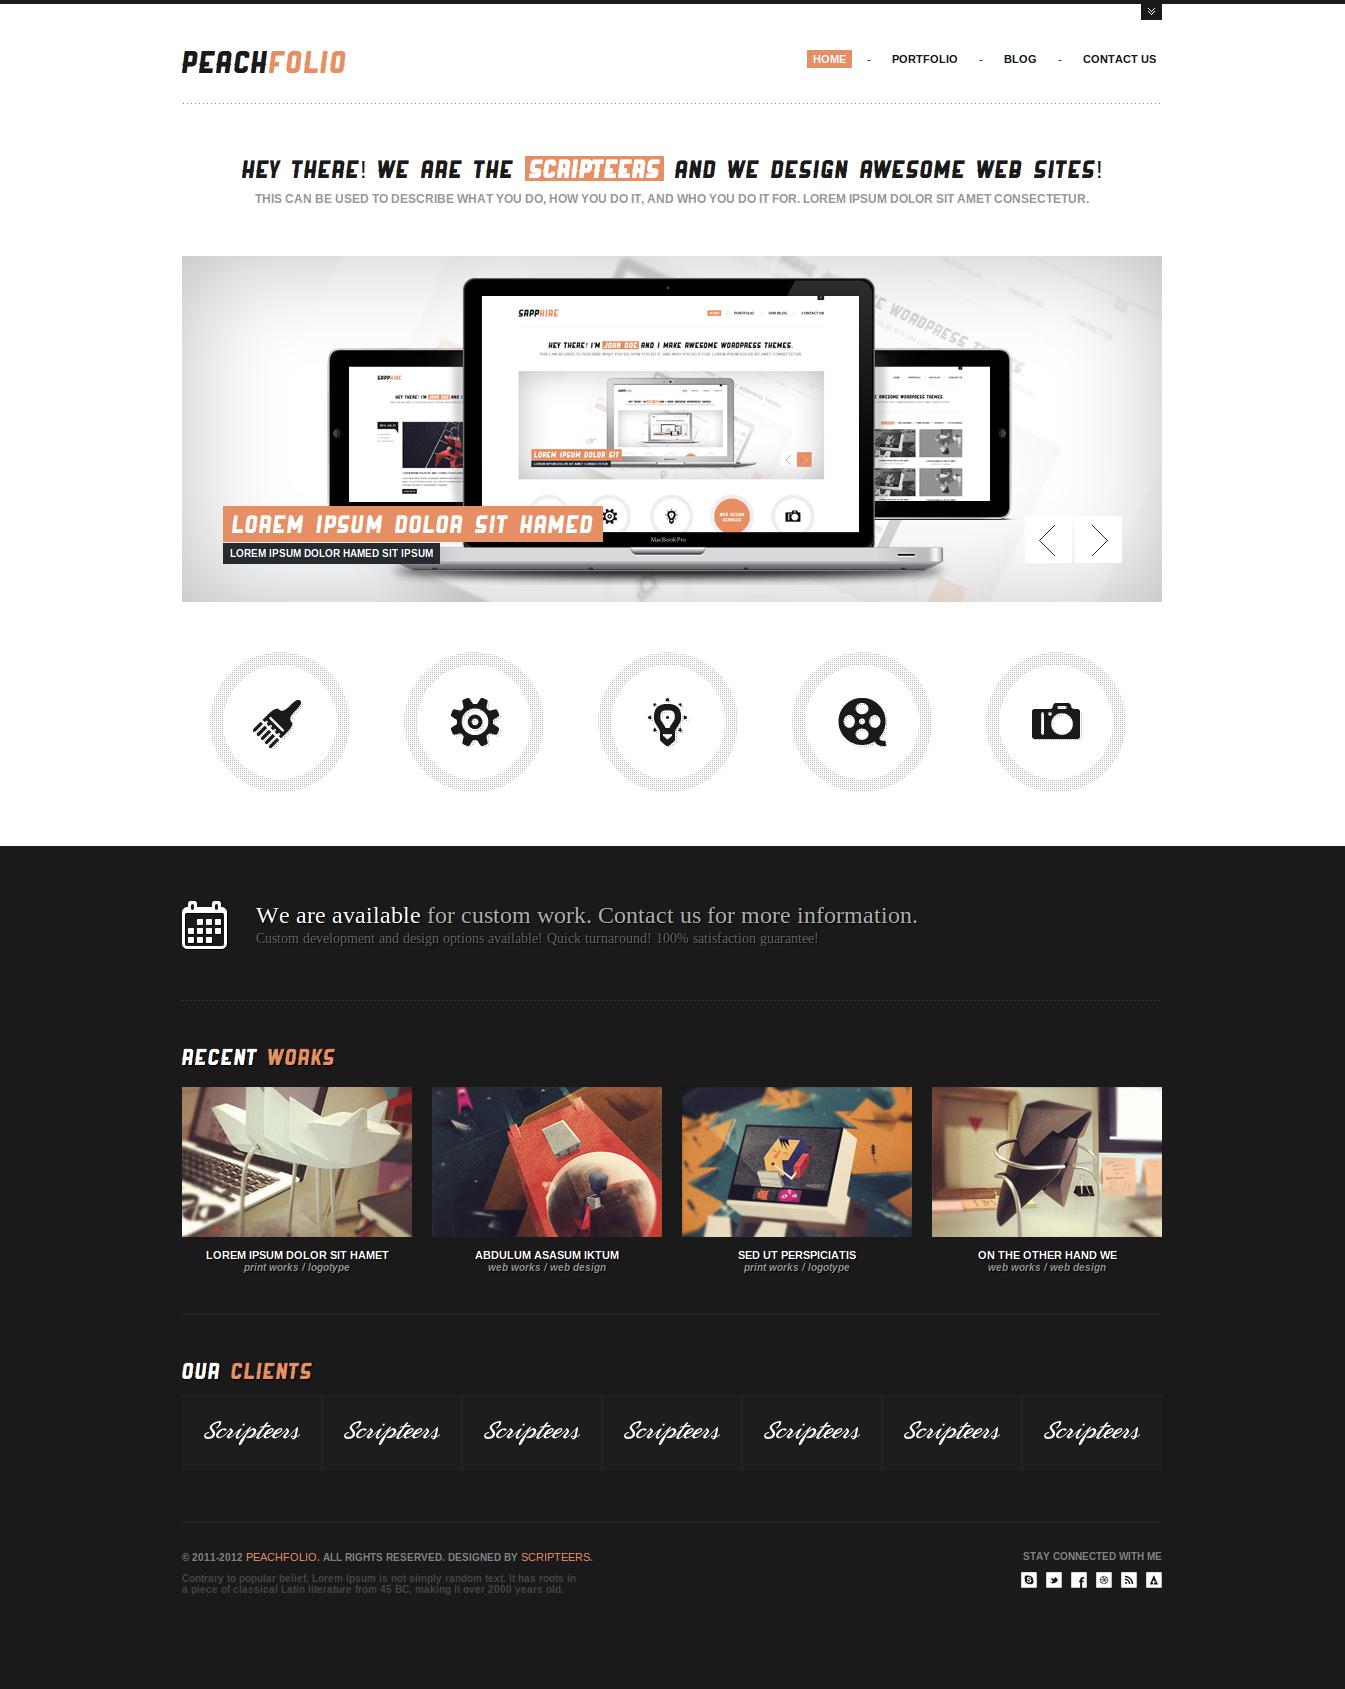 PeachFolio - Premium XHTML/CSS Portfolio Template